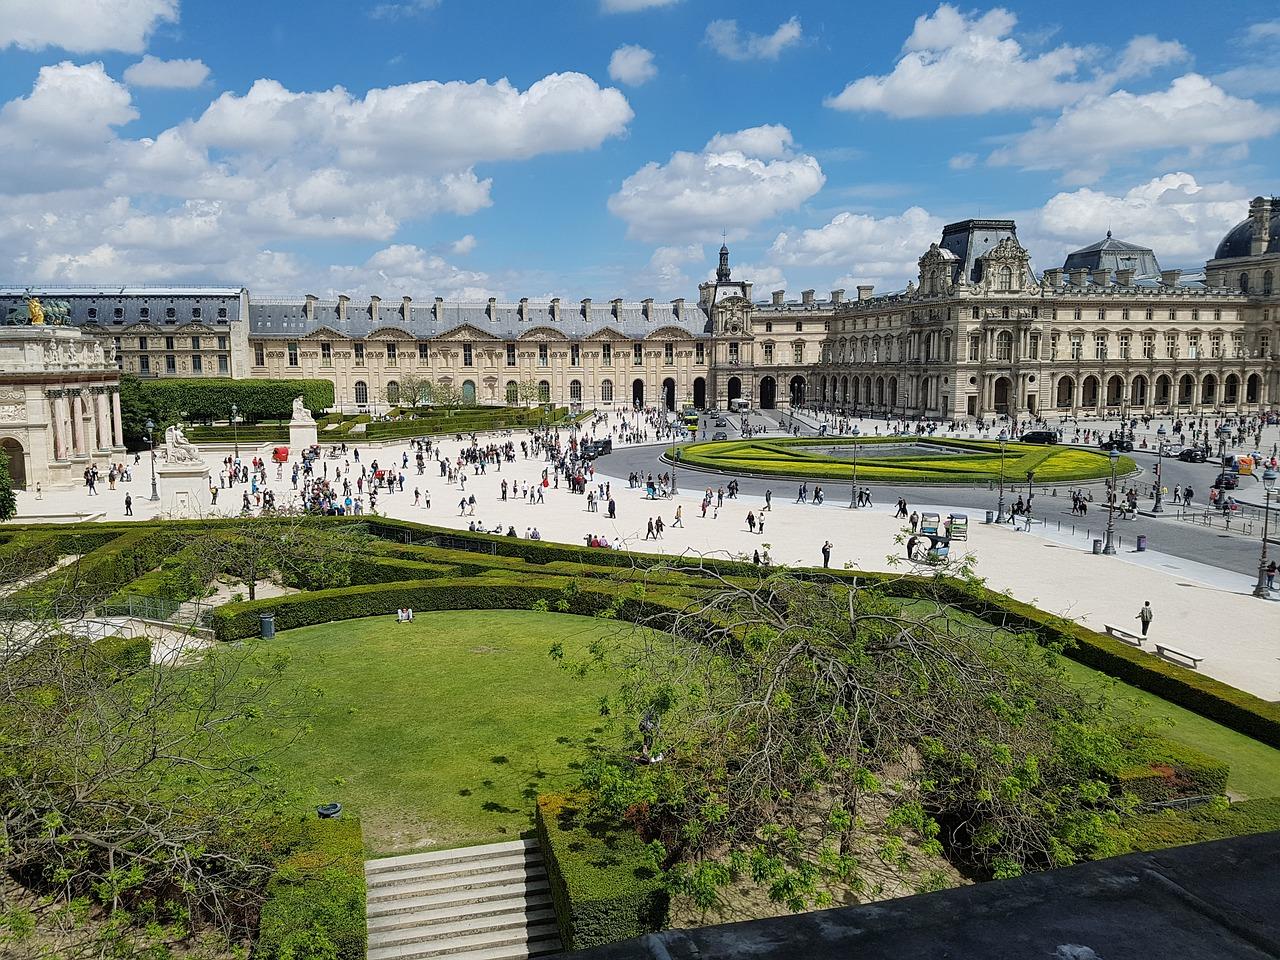 Nous allons faire du shopping dans le musée de Louvre